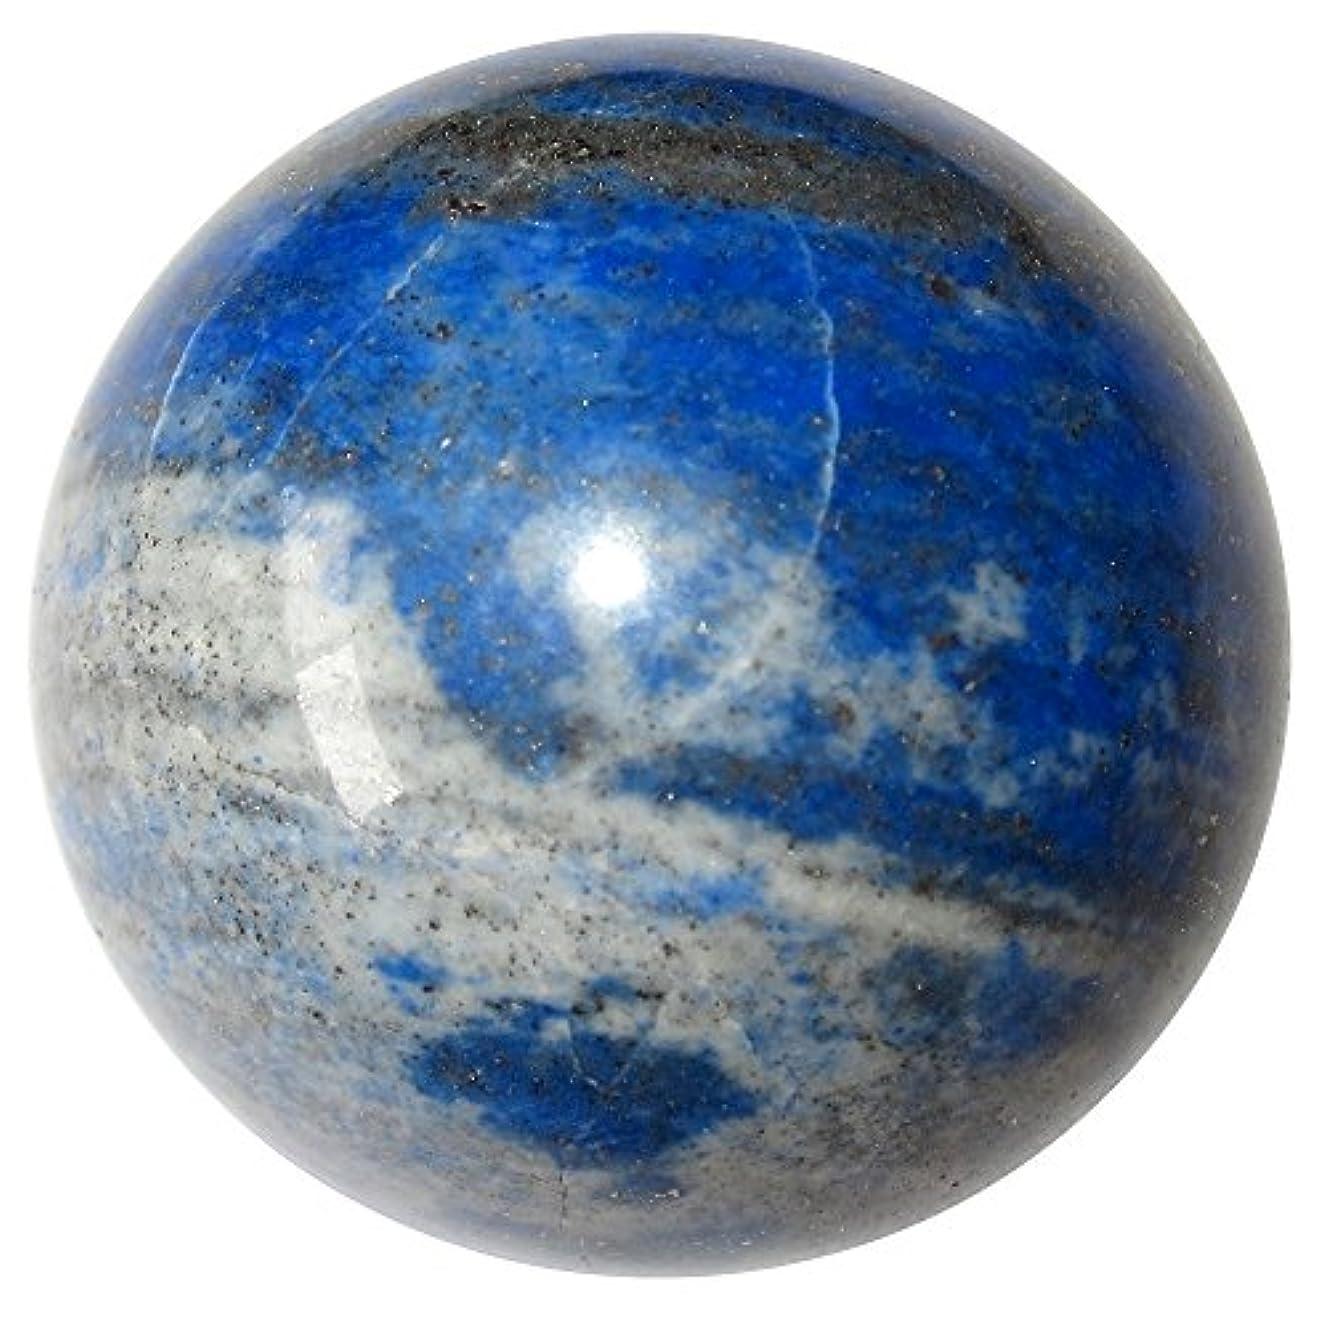 技術的な残高大邸宅サテンクリスタルLapisボールプレミアムブルーLazuli Third Eye Chakra直感的なHealing Precious Stone球p03 1.6 Inches ブルー lapisball03-afghanearth...